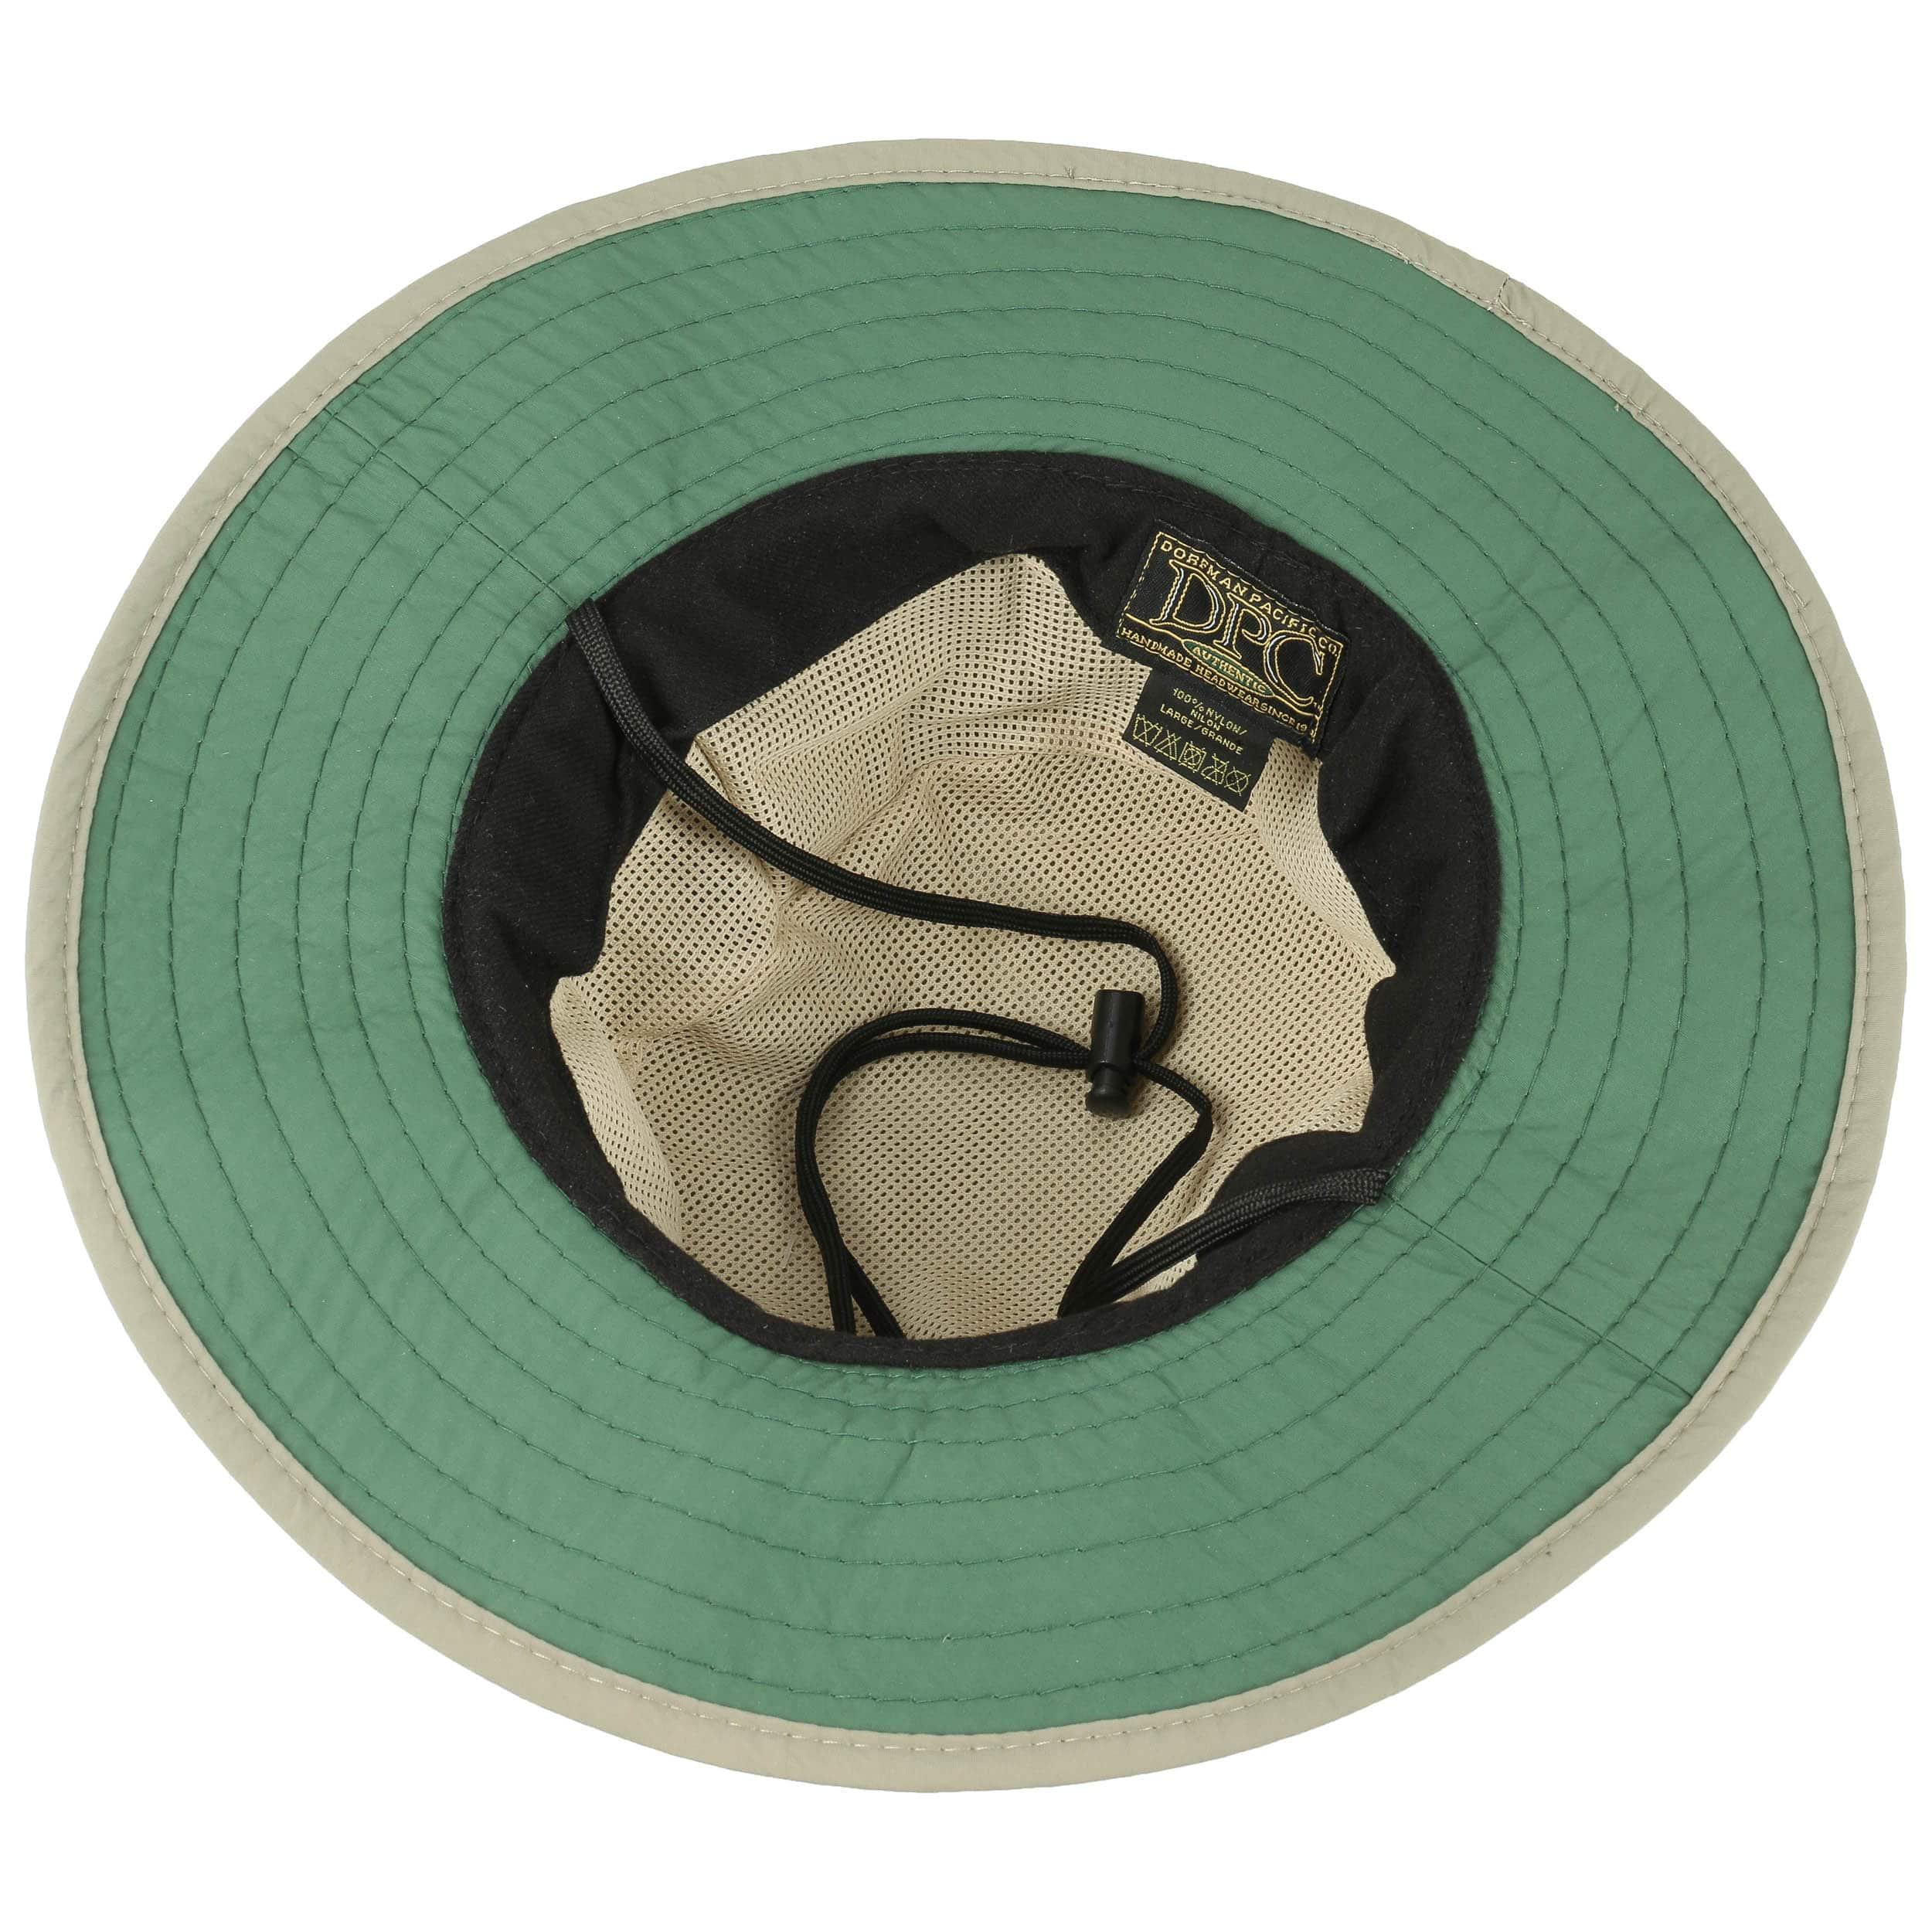 ... Sombrero Supplex con Banda Barbilla - verde oliva claro 2 ... 77c3d255b91